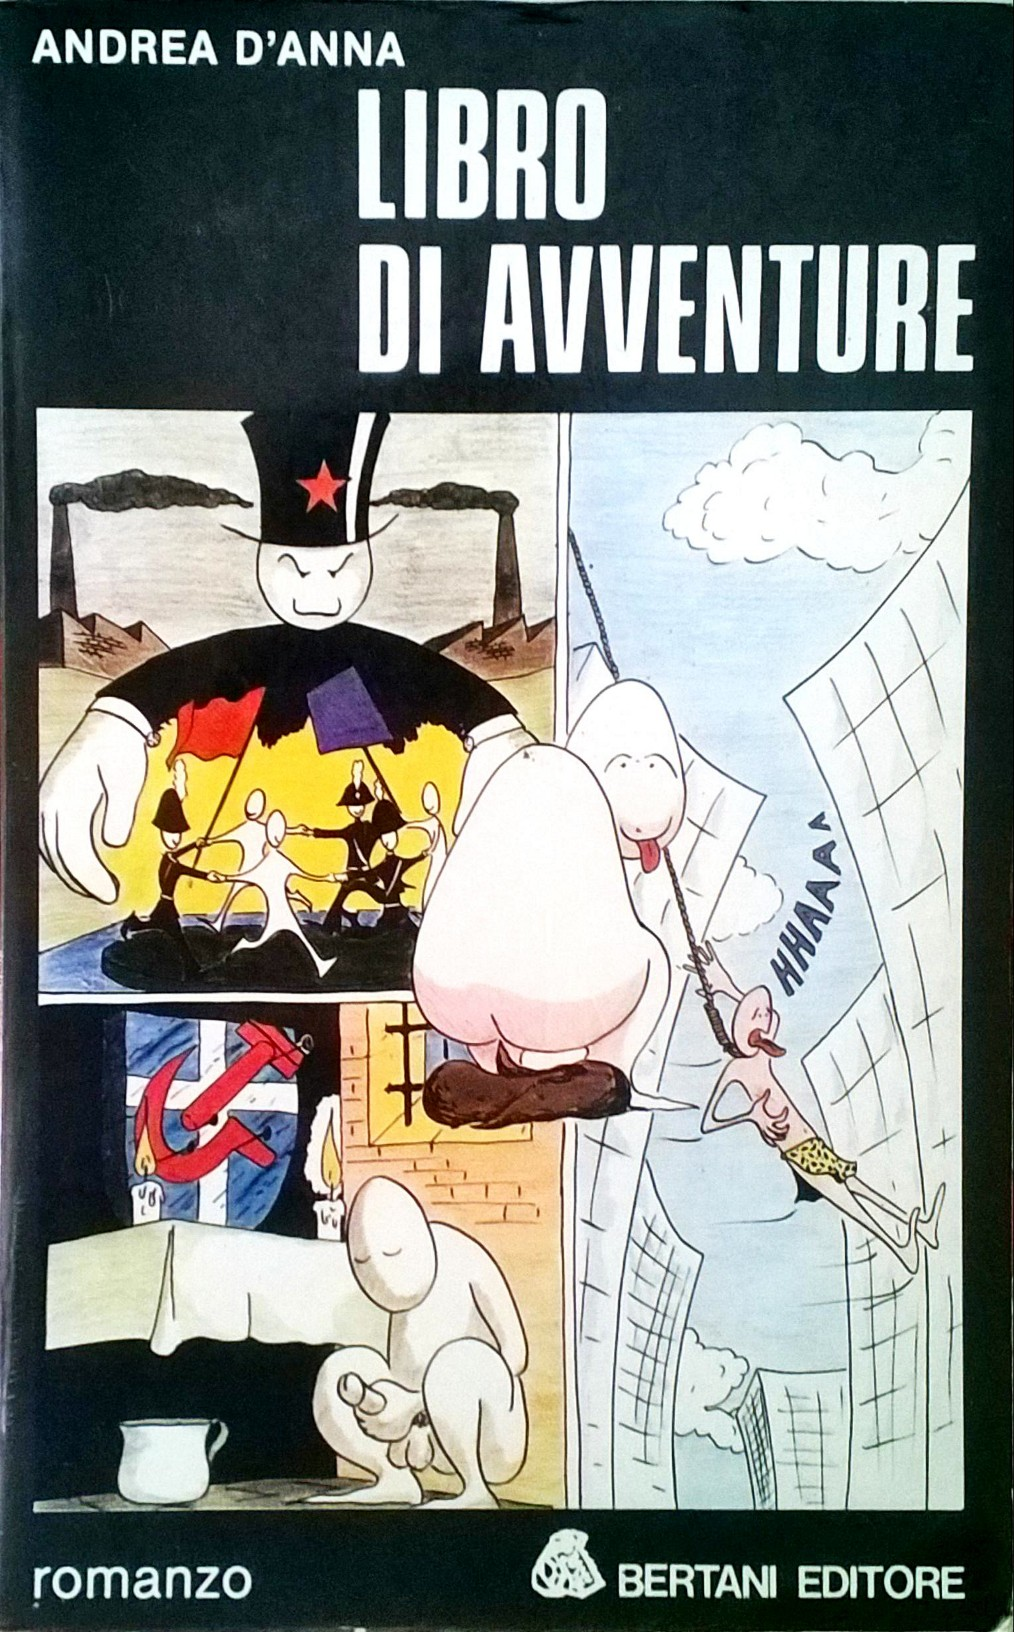 Libro di avventure